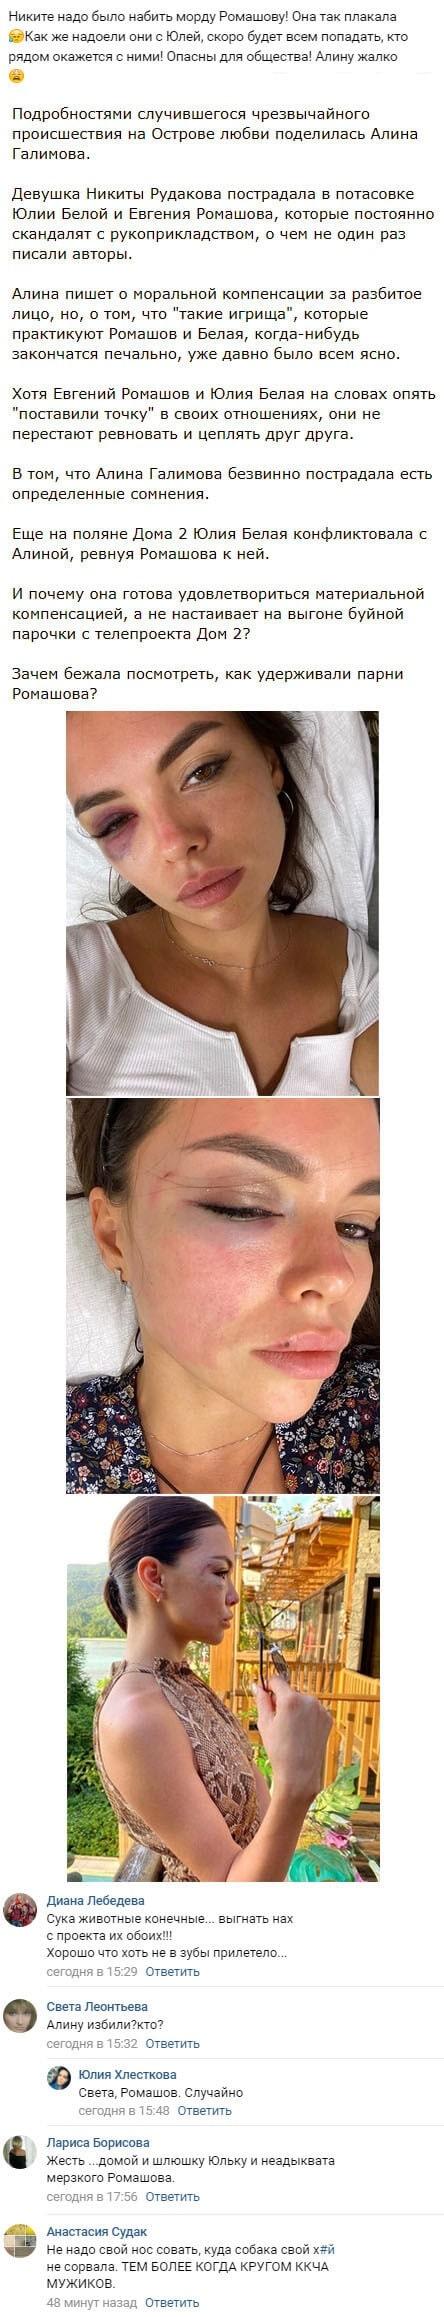 Лицо Алины Галимовой превратили кровавое в месево